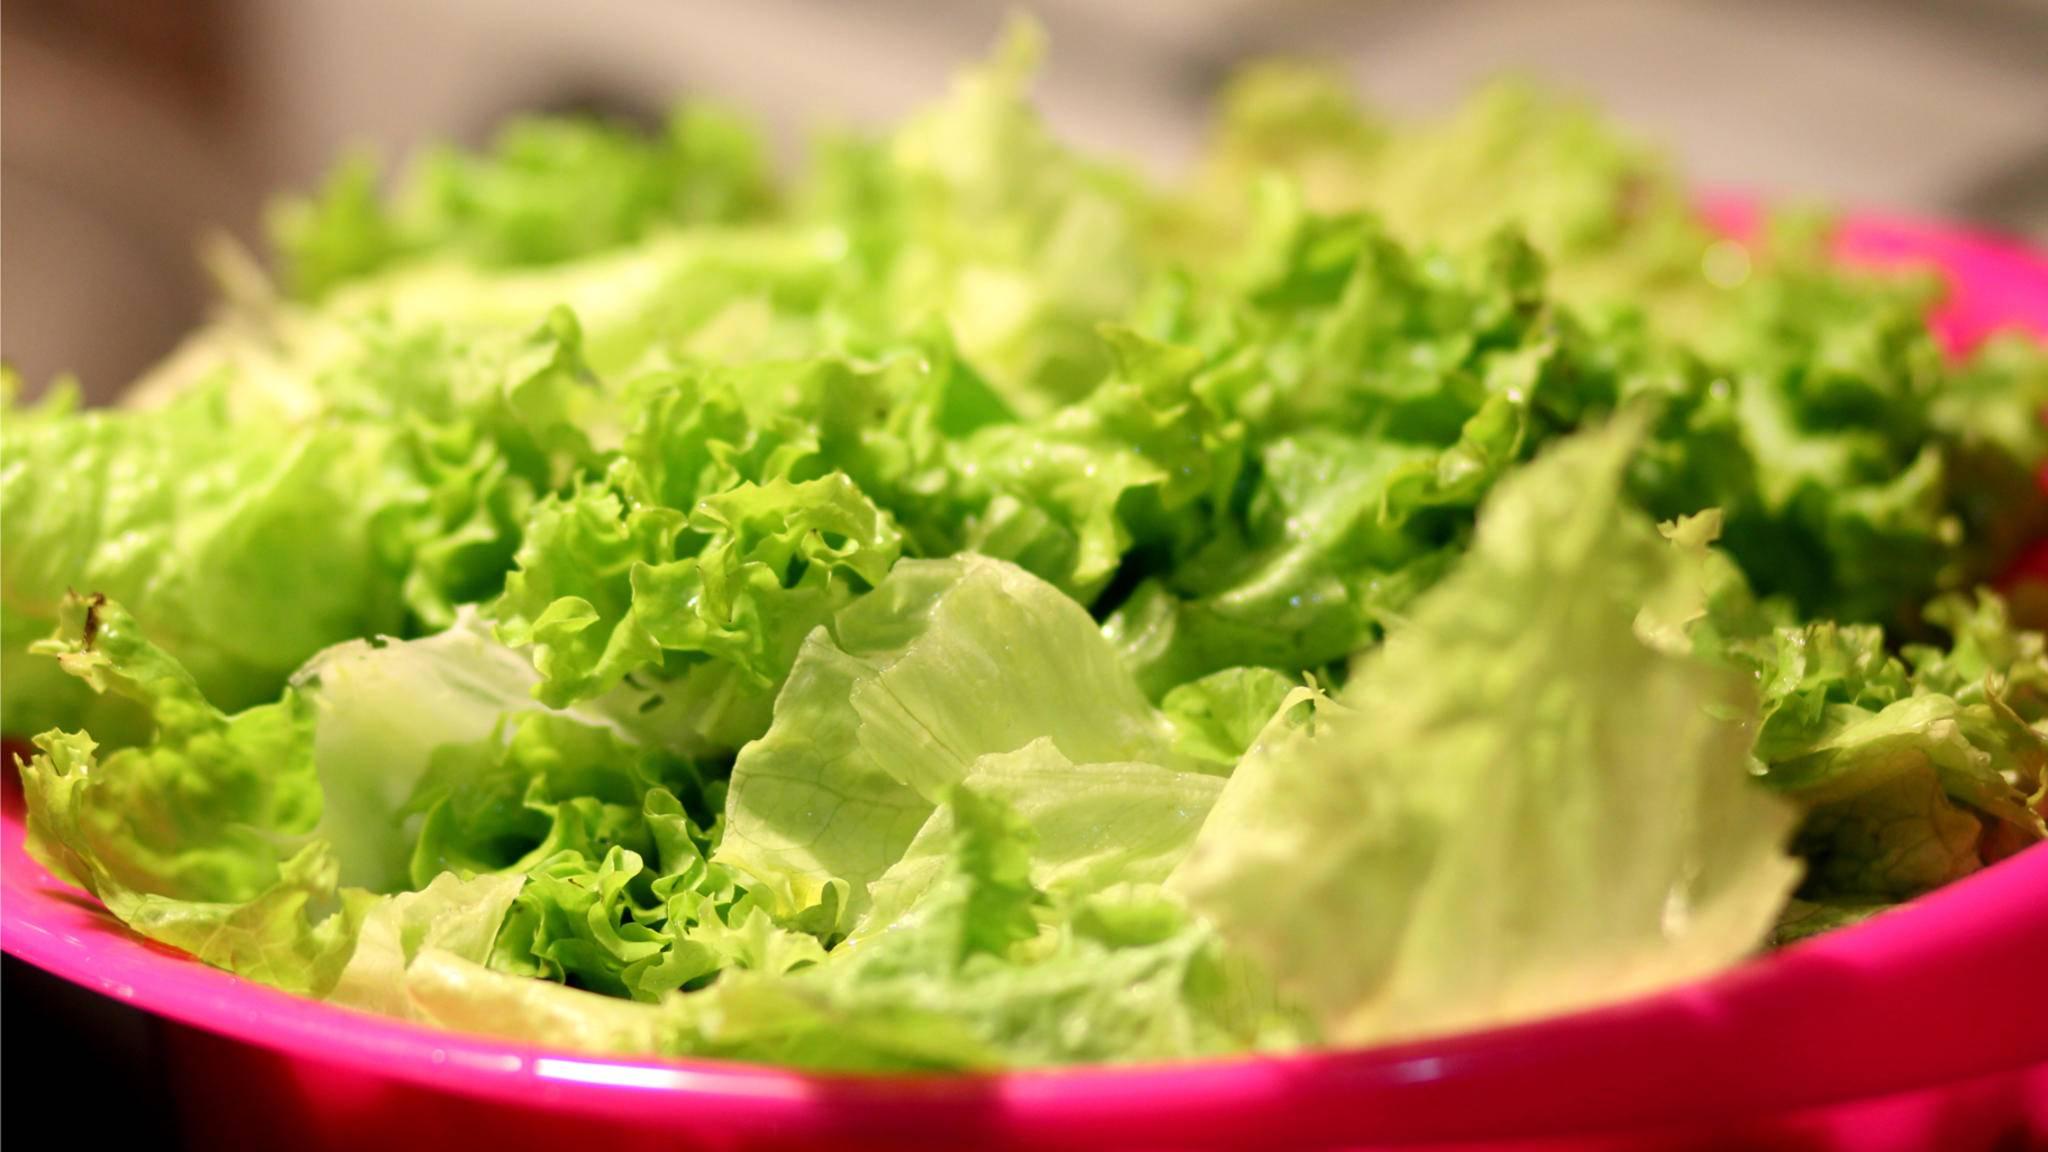 Mancher Salat ist nicht so gesund, wie man meint.